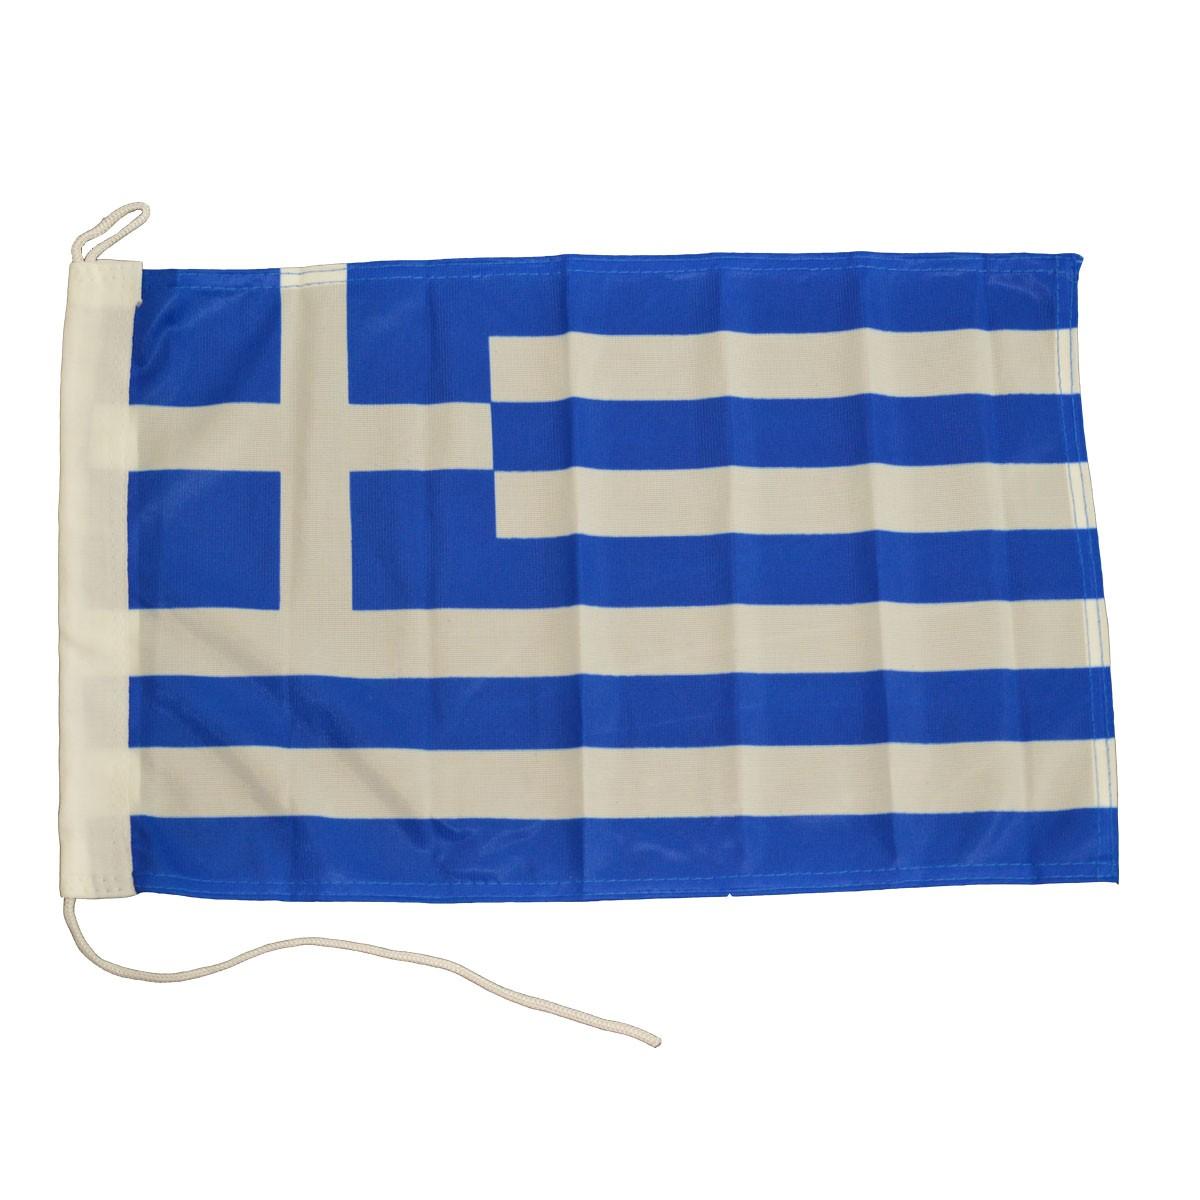 6.39 - Σημαία Ελληνική Ορθογώνια Μήκους 50cm